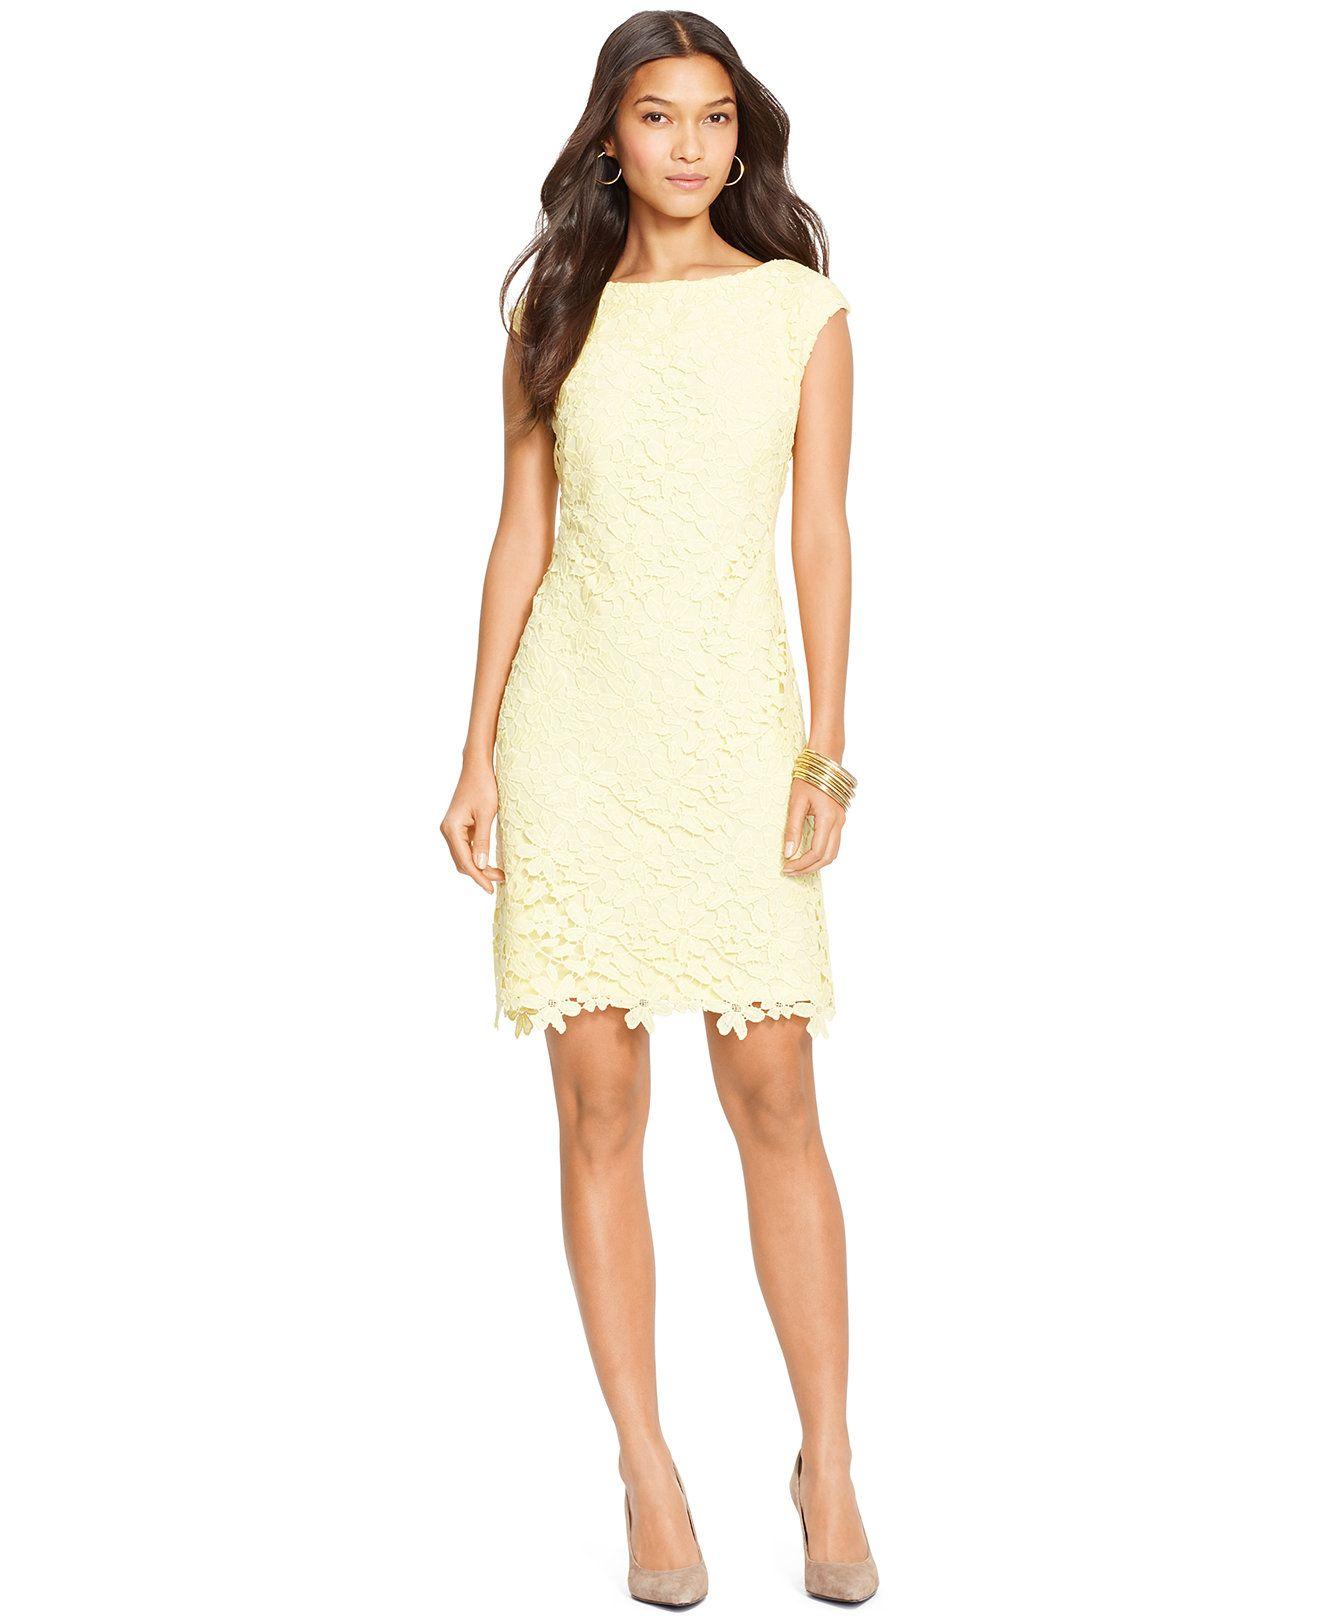 fddc0dda5fd Lauren Ralph Lauren Montague Lace Bateau Dress - Dresses - Women - Macy s